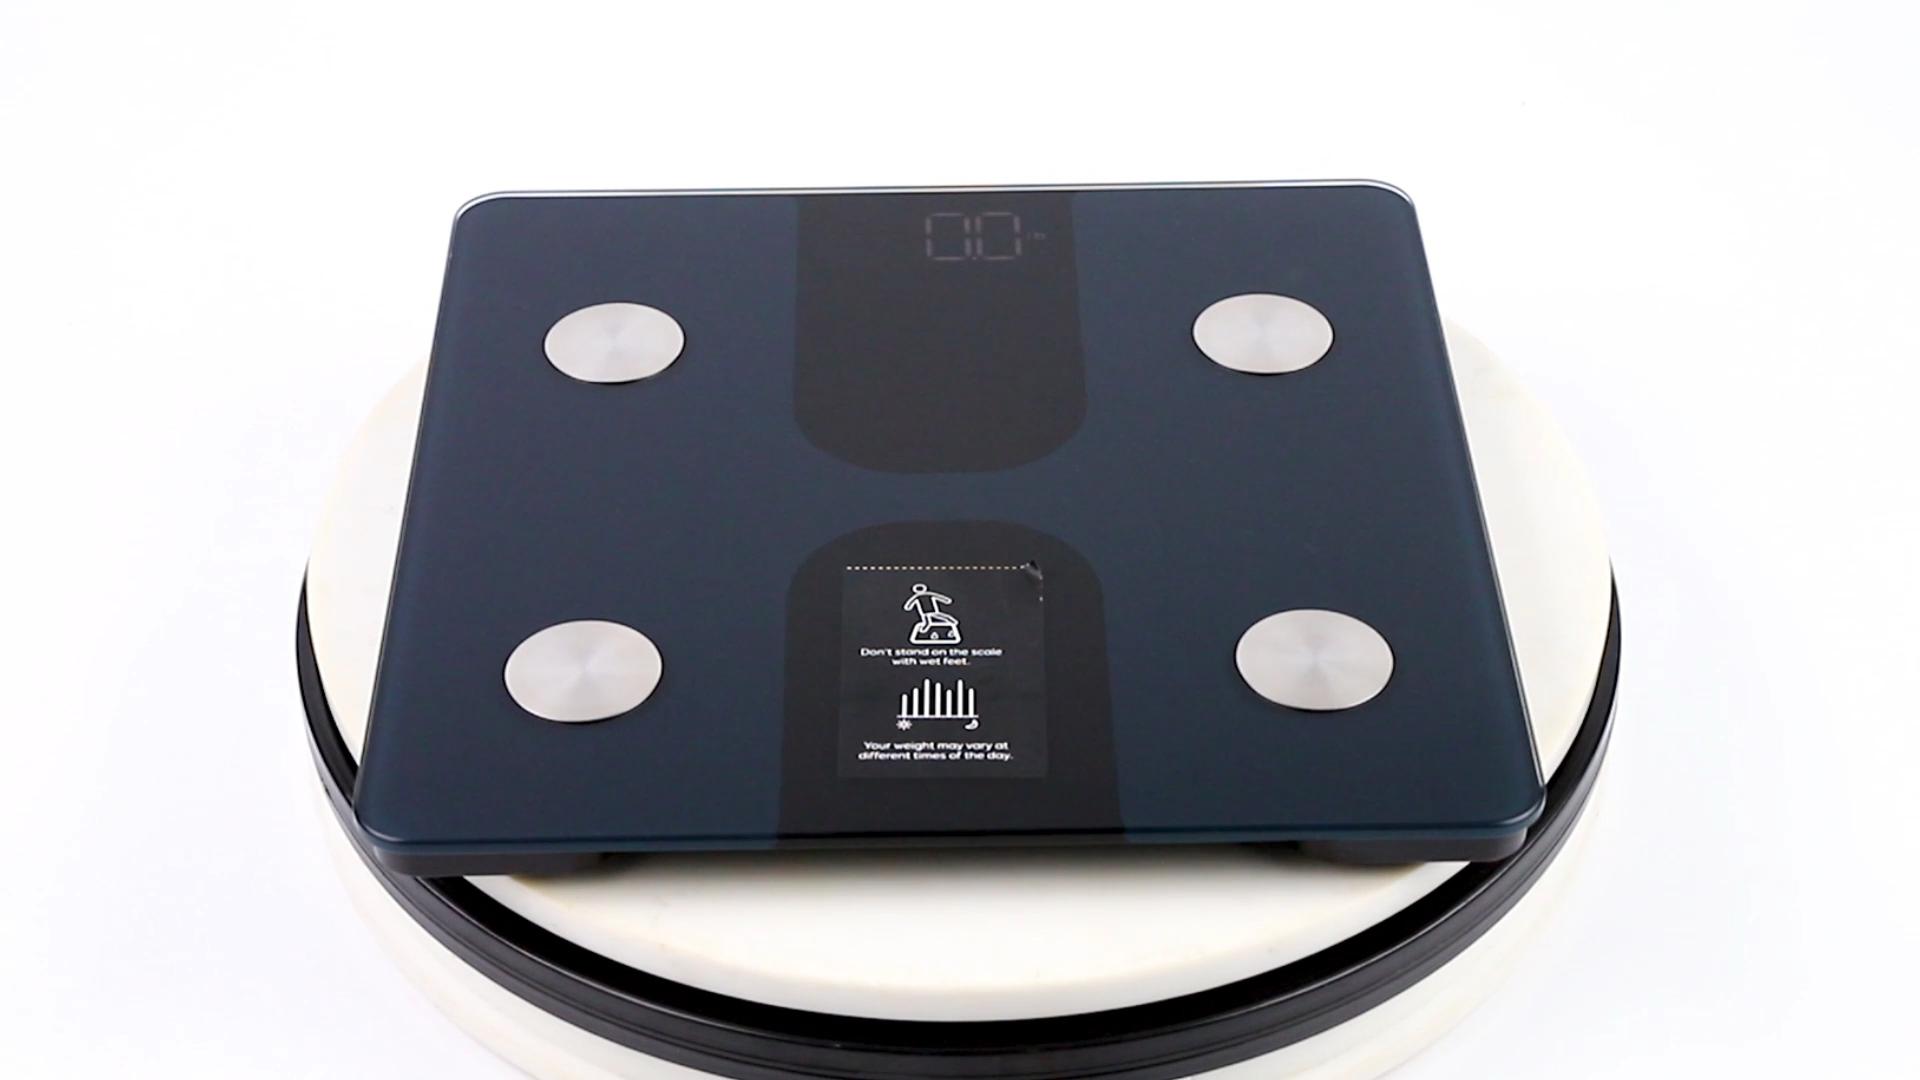 אלקטרוני LED תצוגת 180kg סולם אמבטיה app גוף שומן במשקל מנתח דיגיטלי משקל סולם